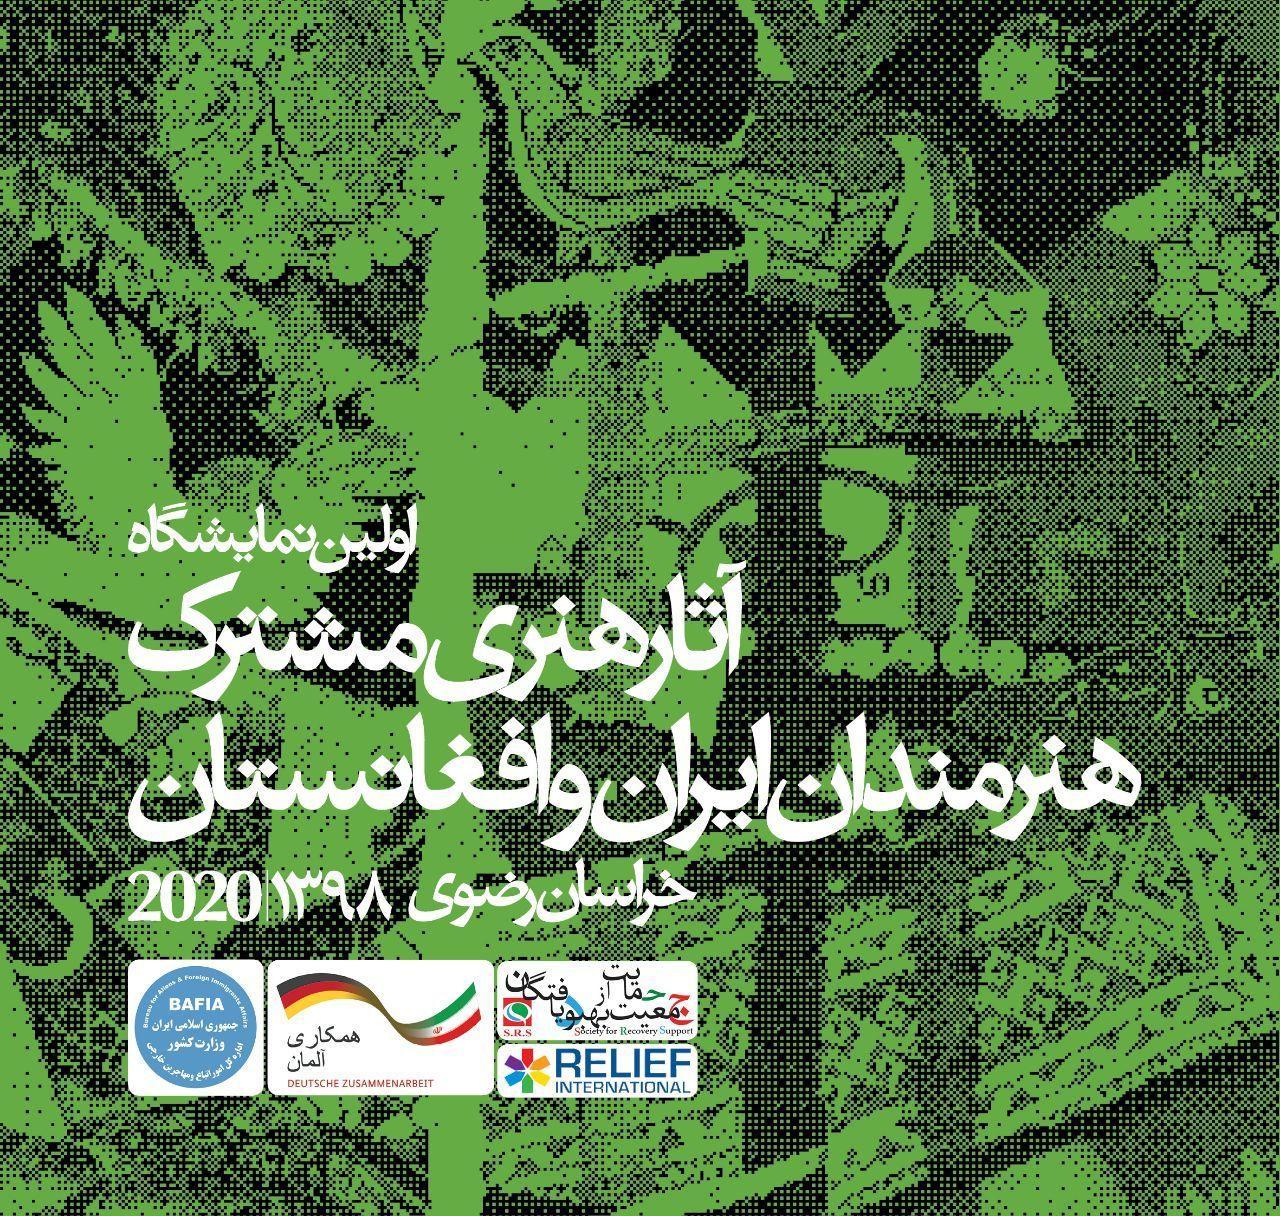 نخستین نمایشگاه آثار هنری مشترک هنرمندان ایران و افغانستان